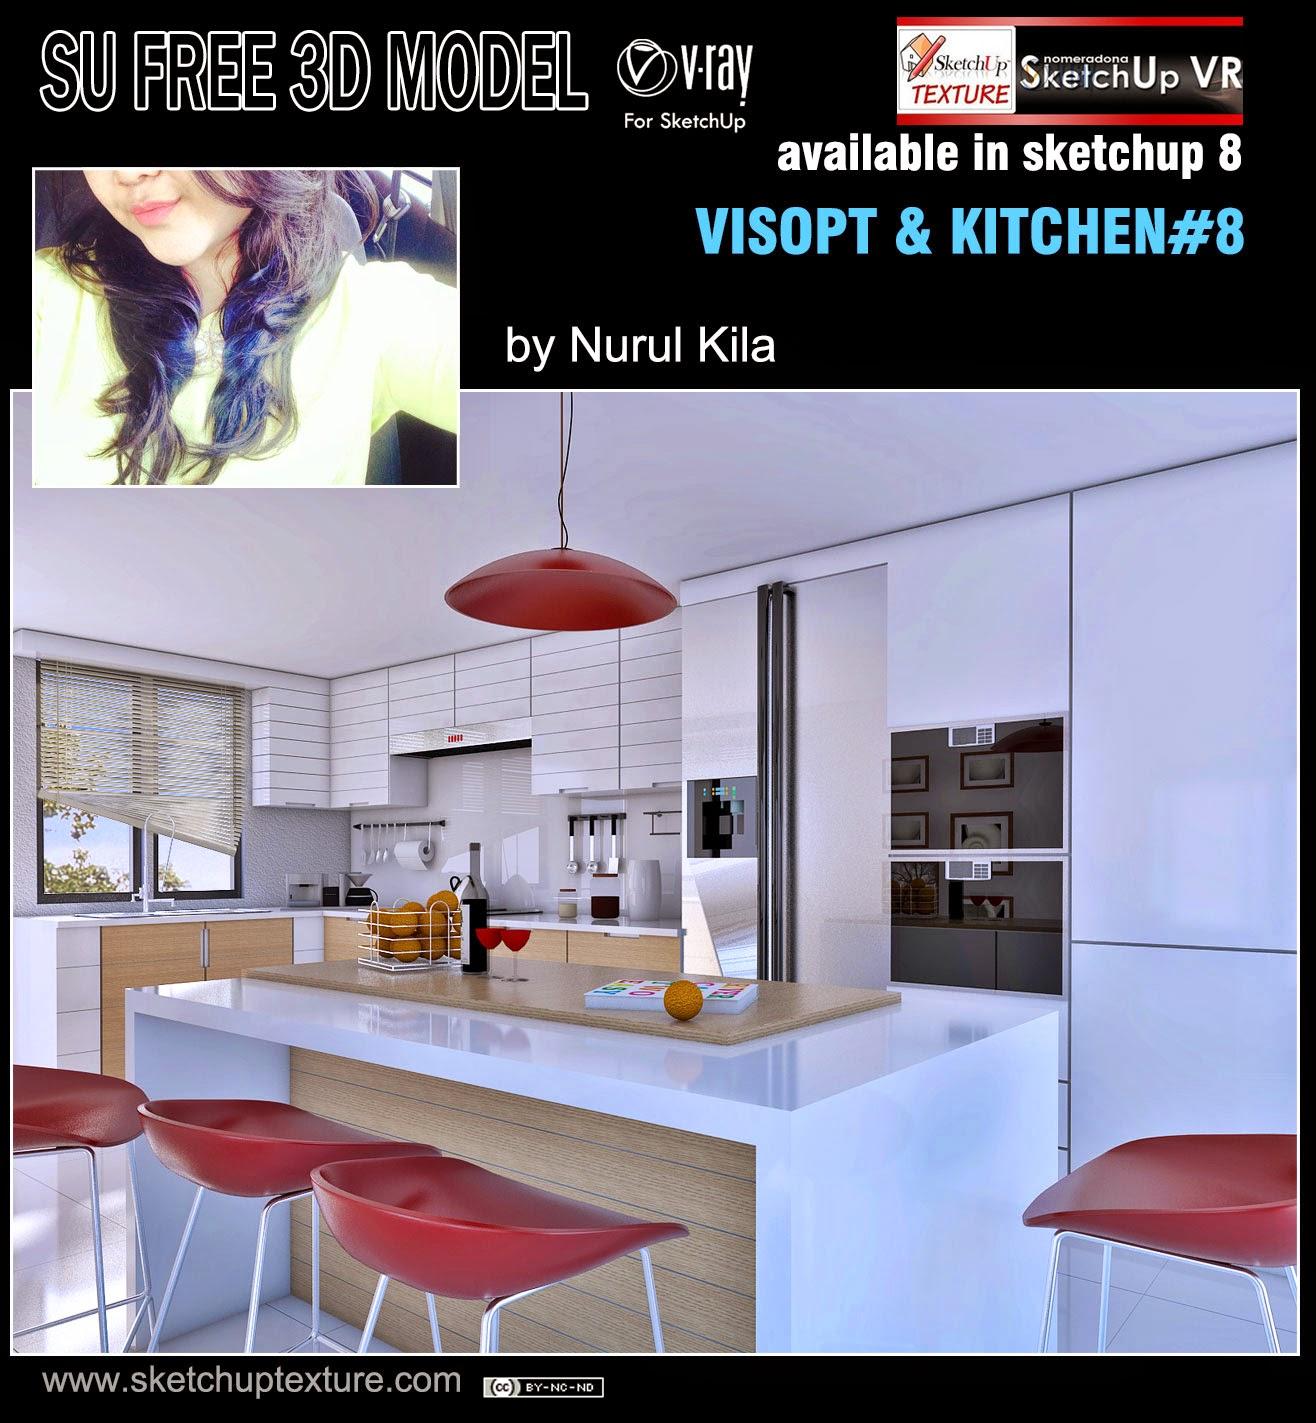 Free Sketchup Model Moderne Kitchen & Visopt #8